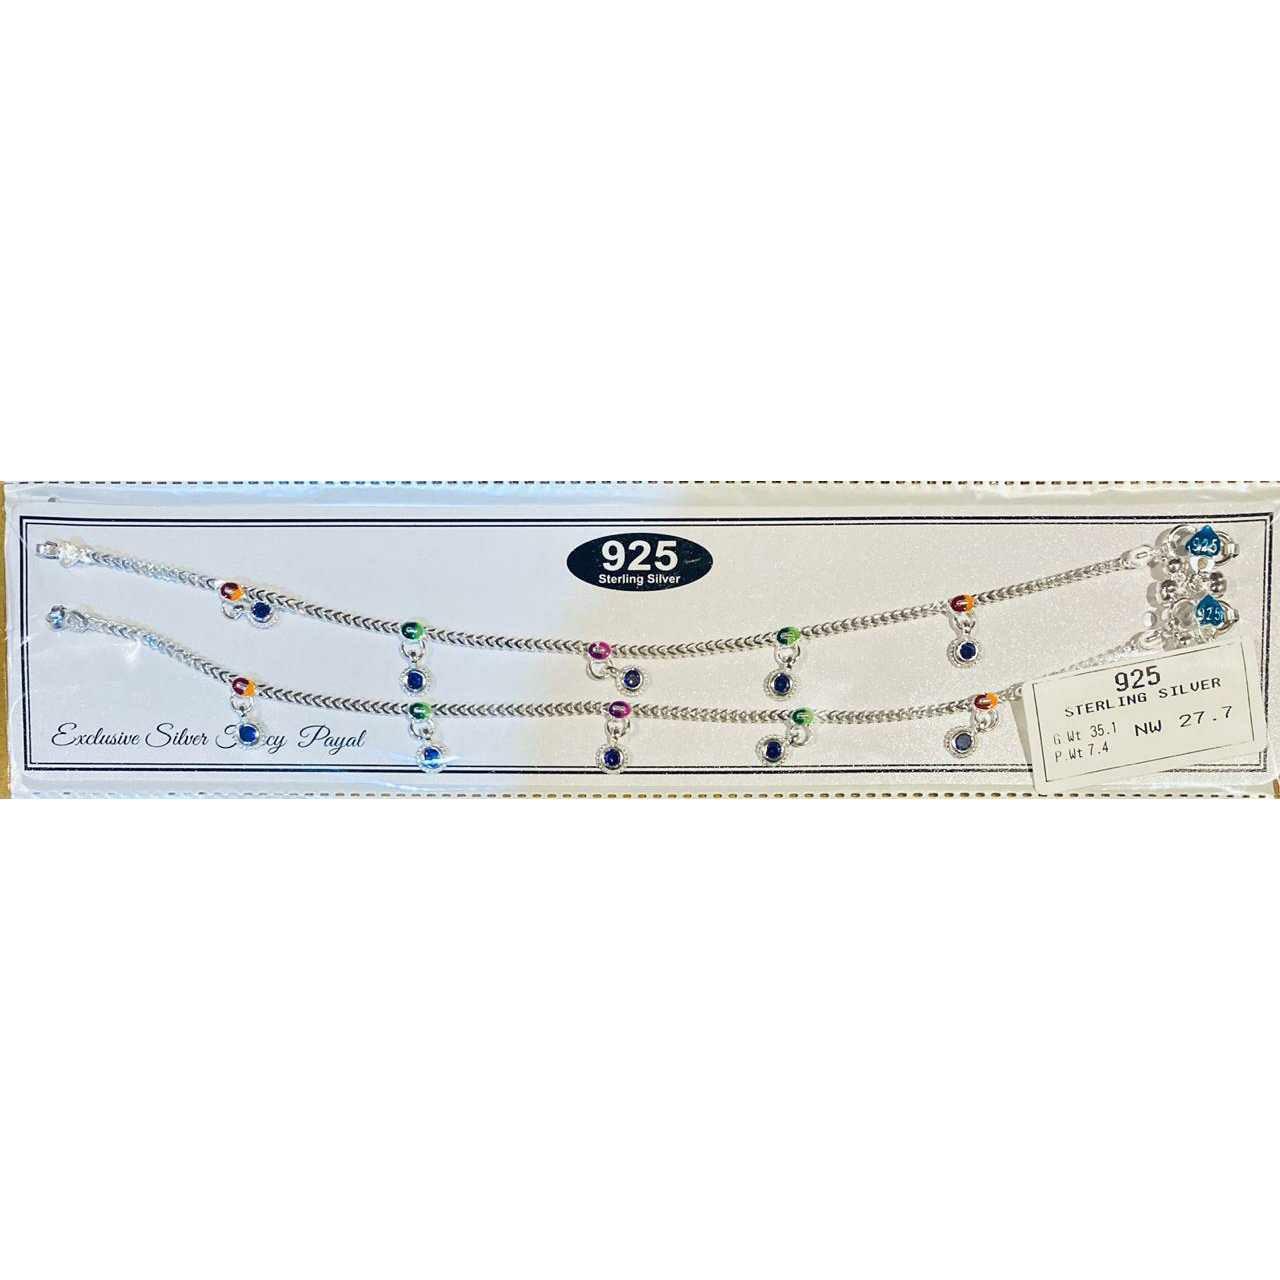 V Chain Super Nice Gola 92.5 Payal